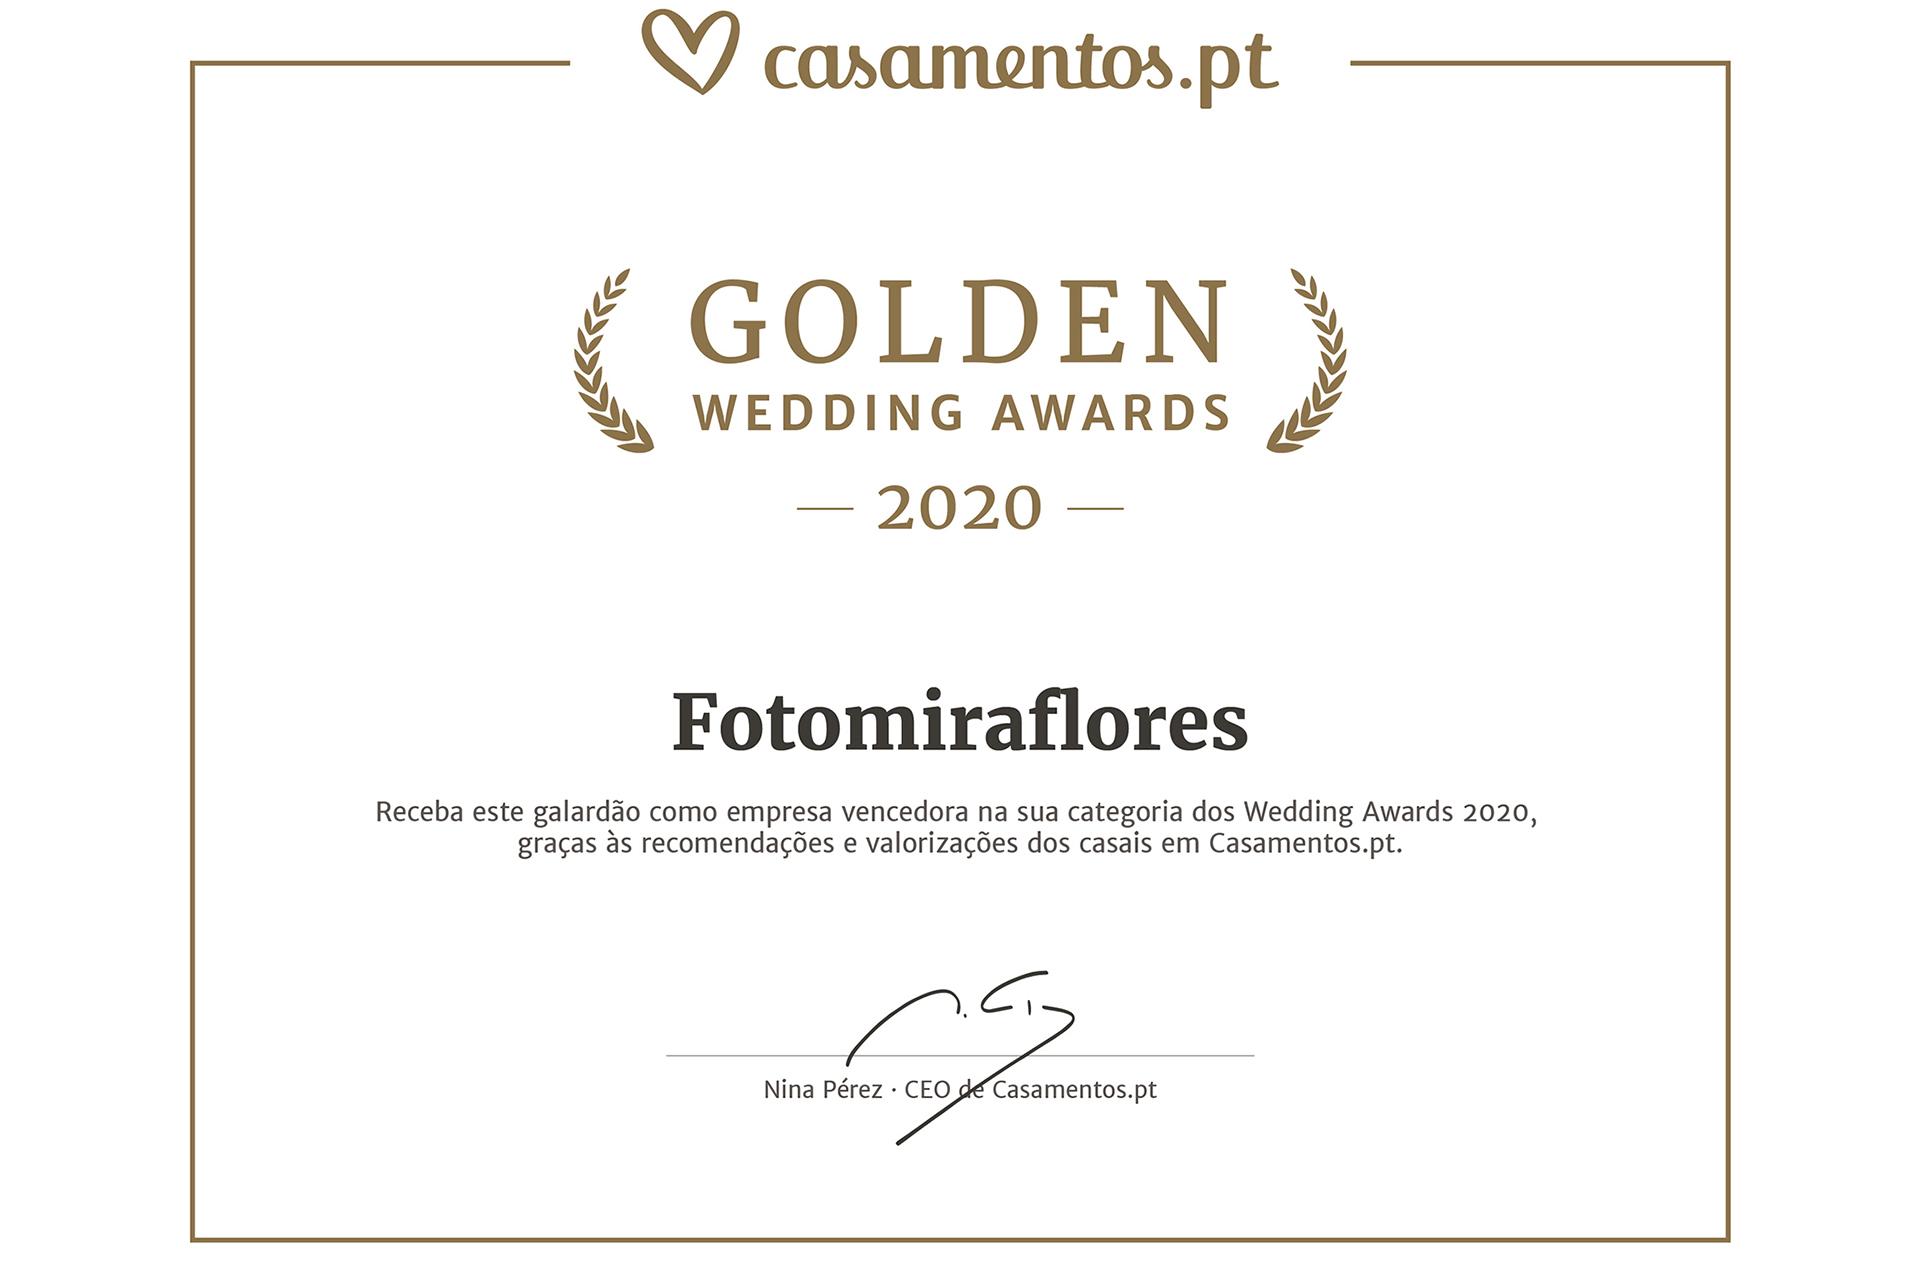 Vencedores do Golden Wedding Awards 2020